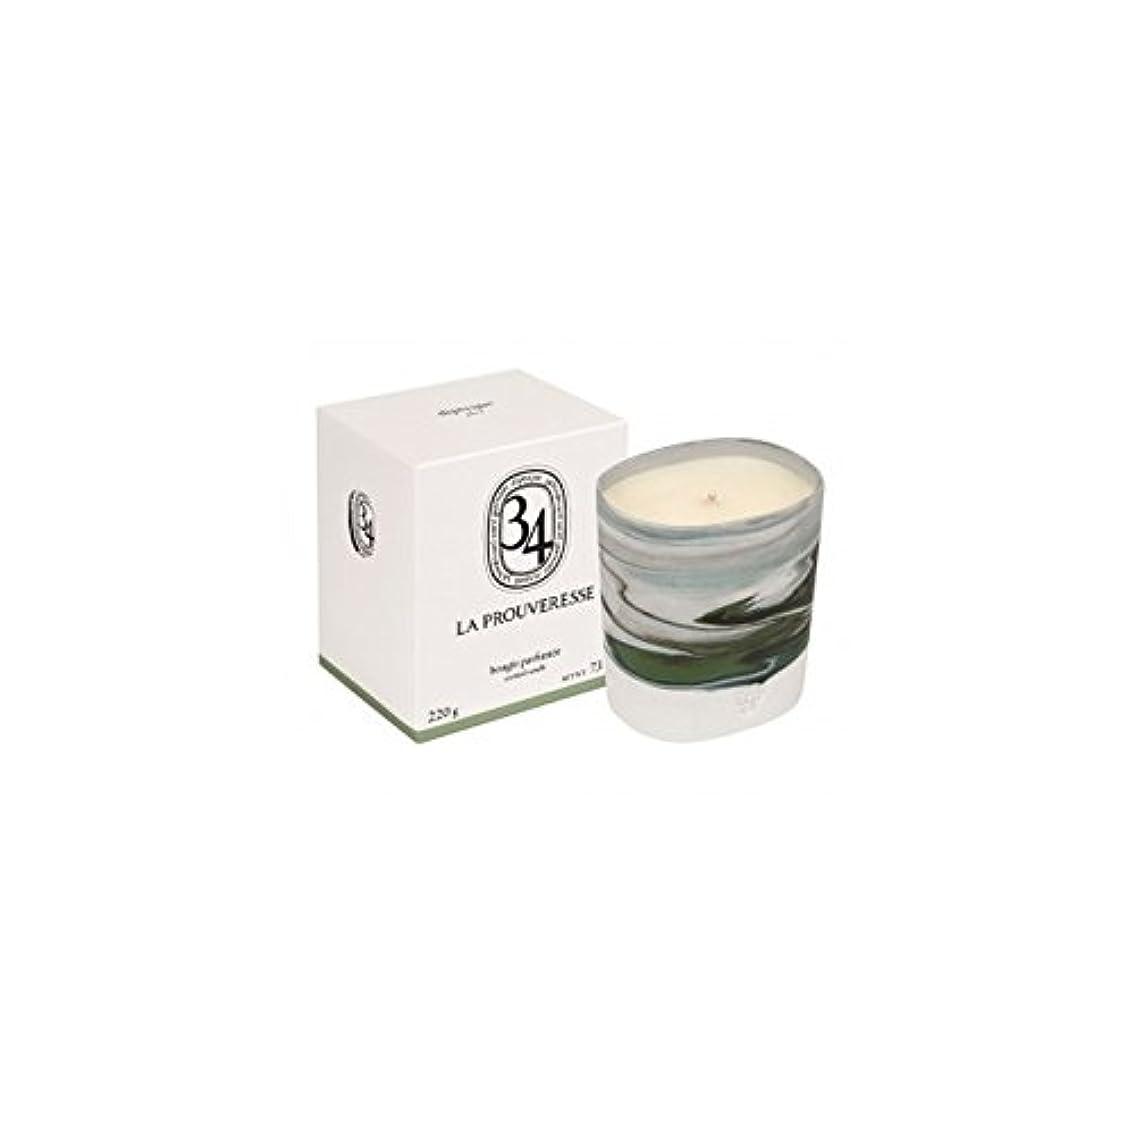 対処するそこからプランターDiptyque Collection 34 La Prouveresse Scented Candle 220g (Pack of 2) - ラProuveresse Diptyqueコレクション34香りのキャンドル220...